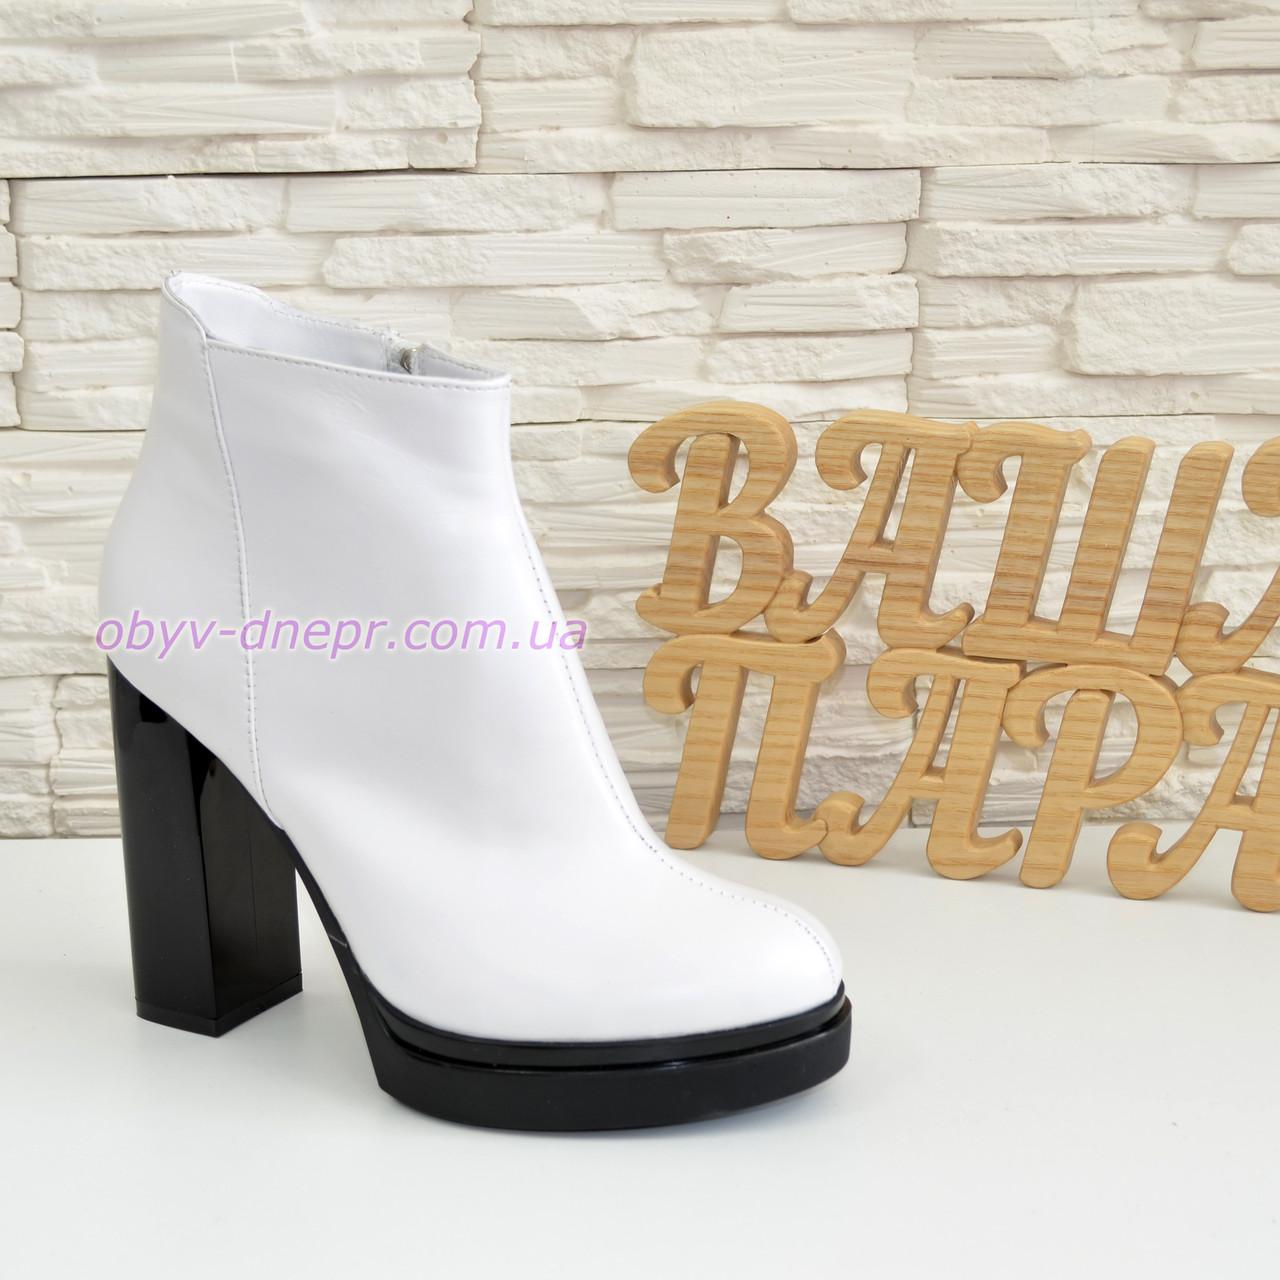 Ботинки   женские классические на высоком каблуке, из натуральной кожи, цвет белый.